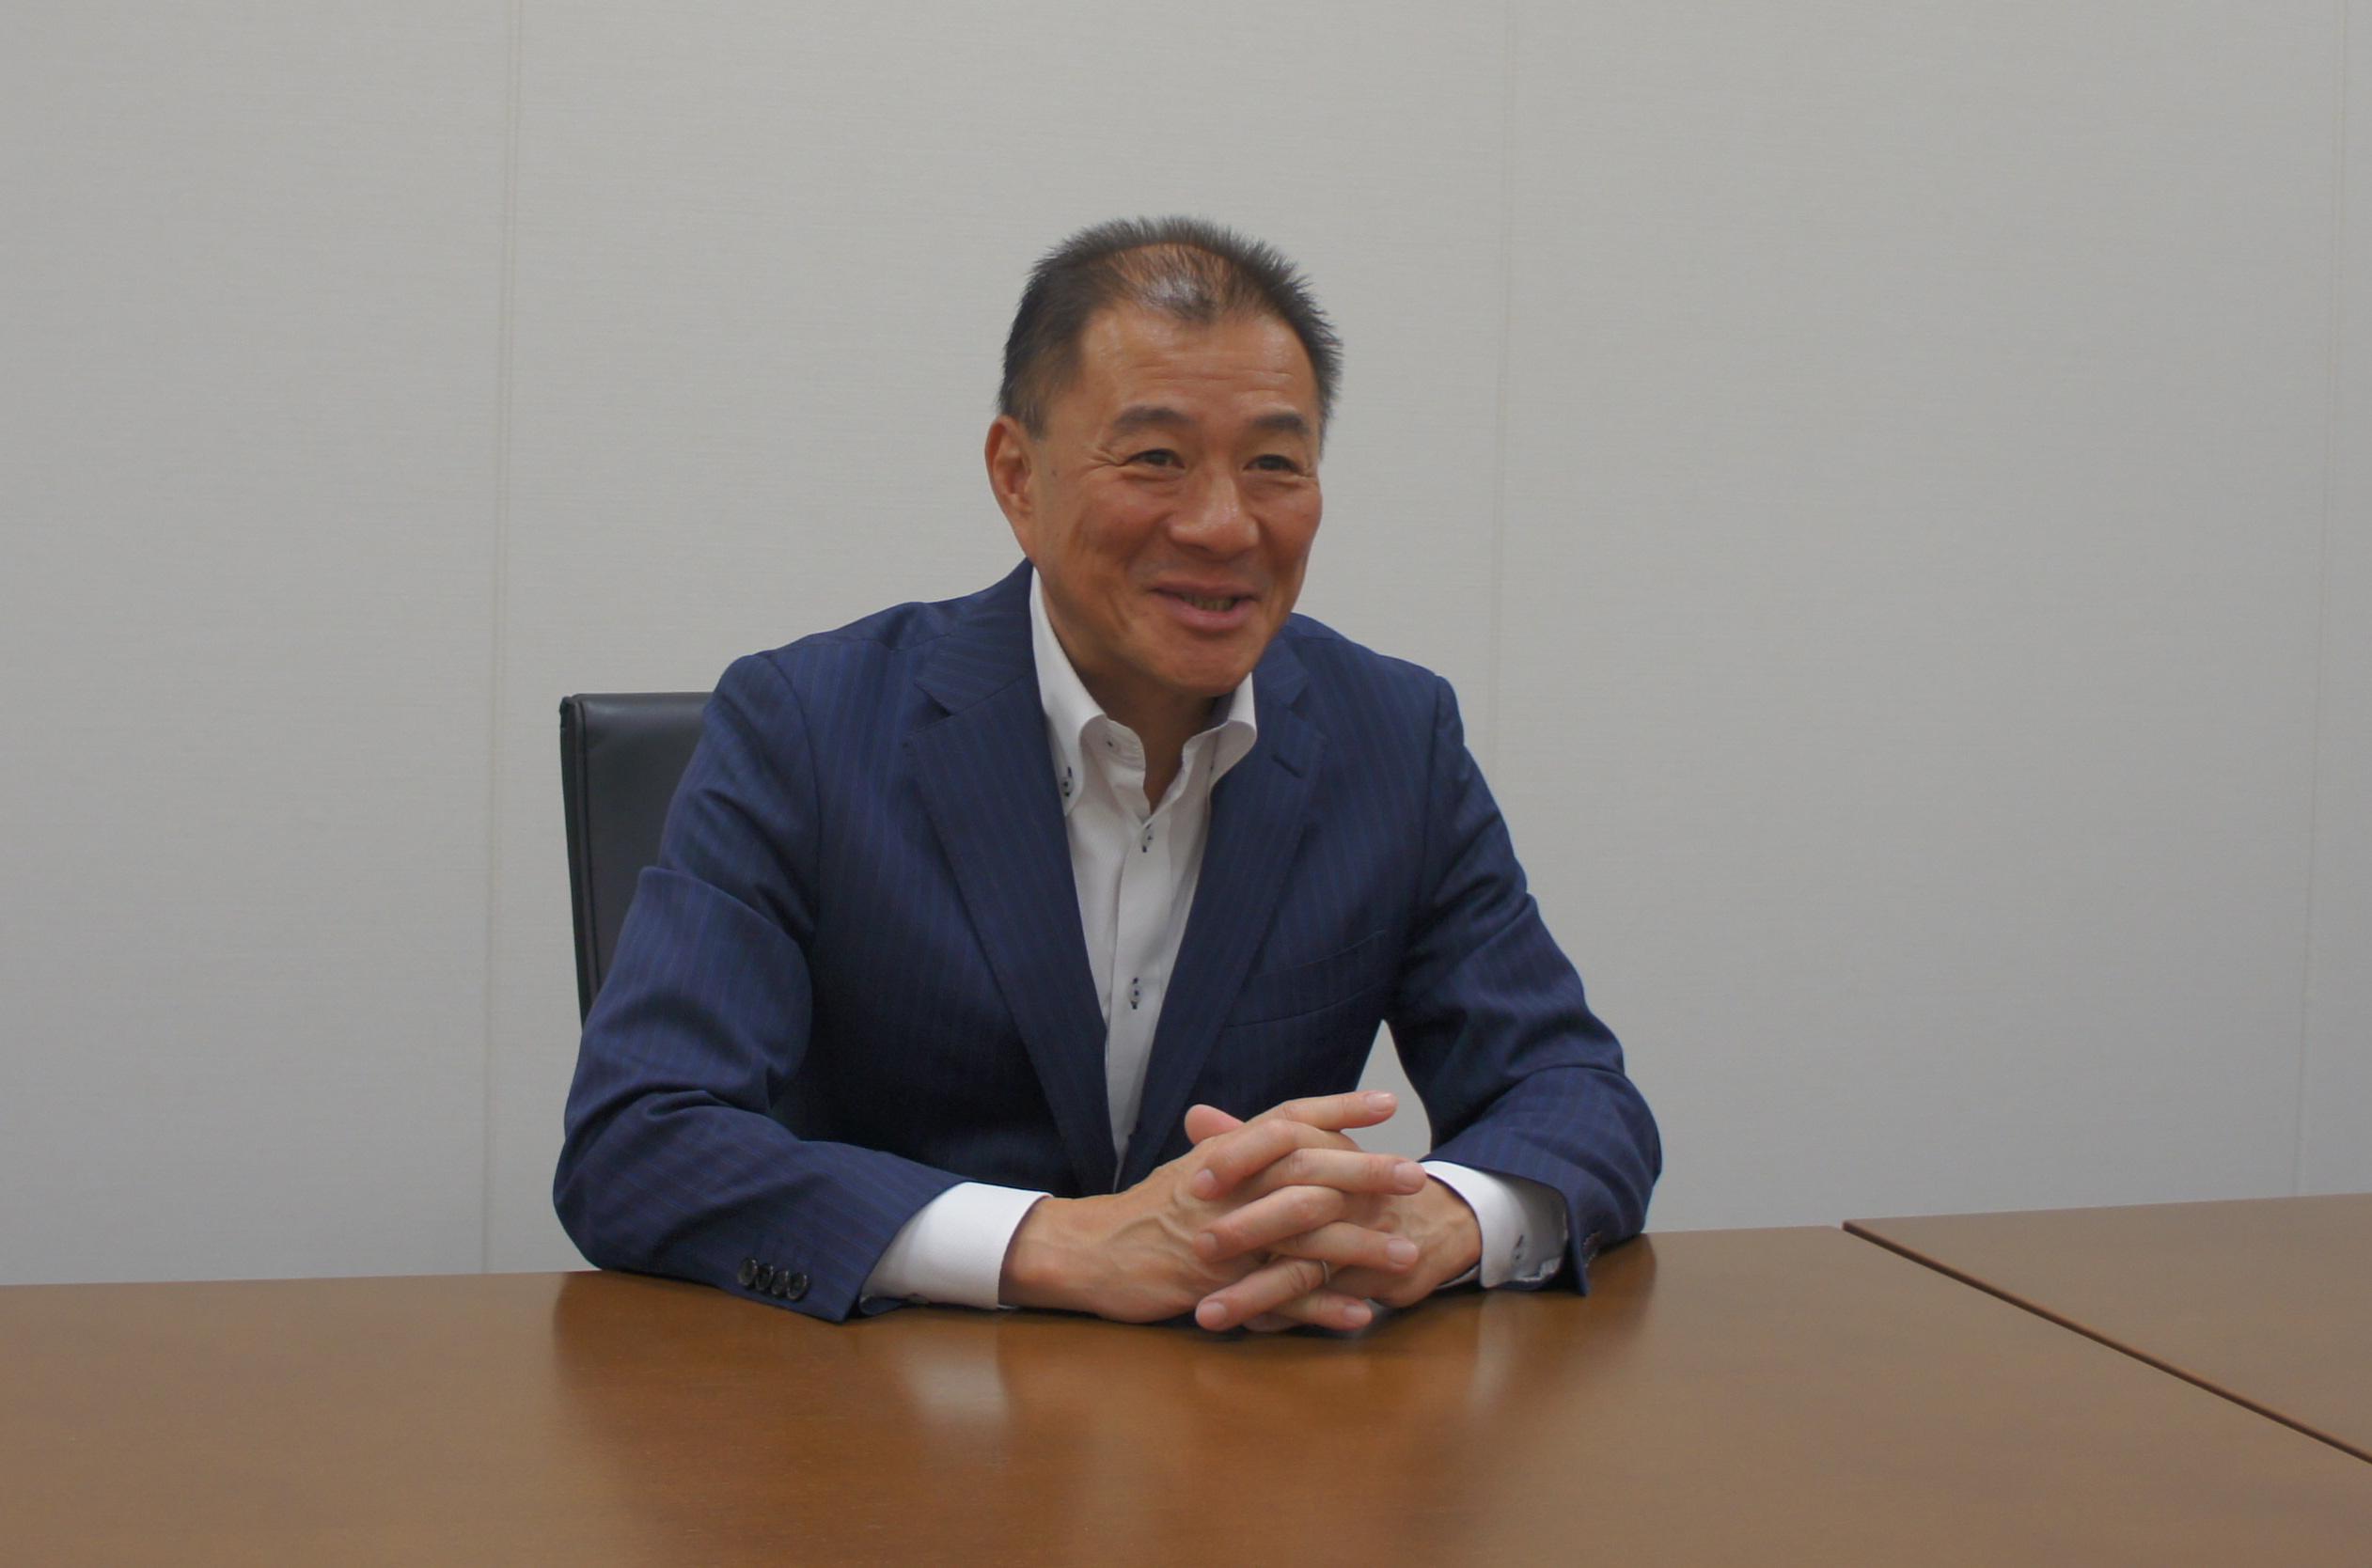 【インタビュー】三菱電機 半導体・デバイス事業本部 山崎事業部長「IGBTとIPMで世界を牽引」